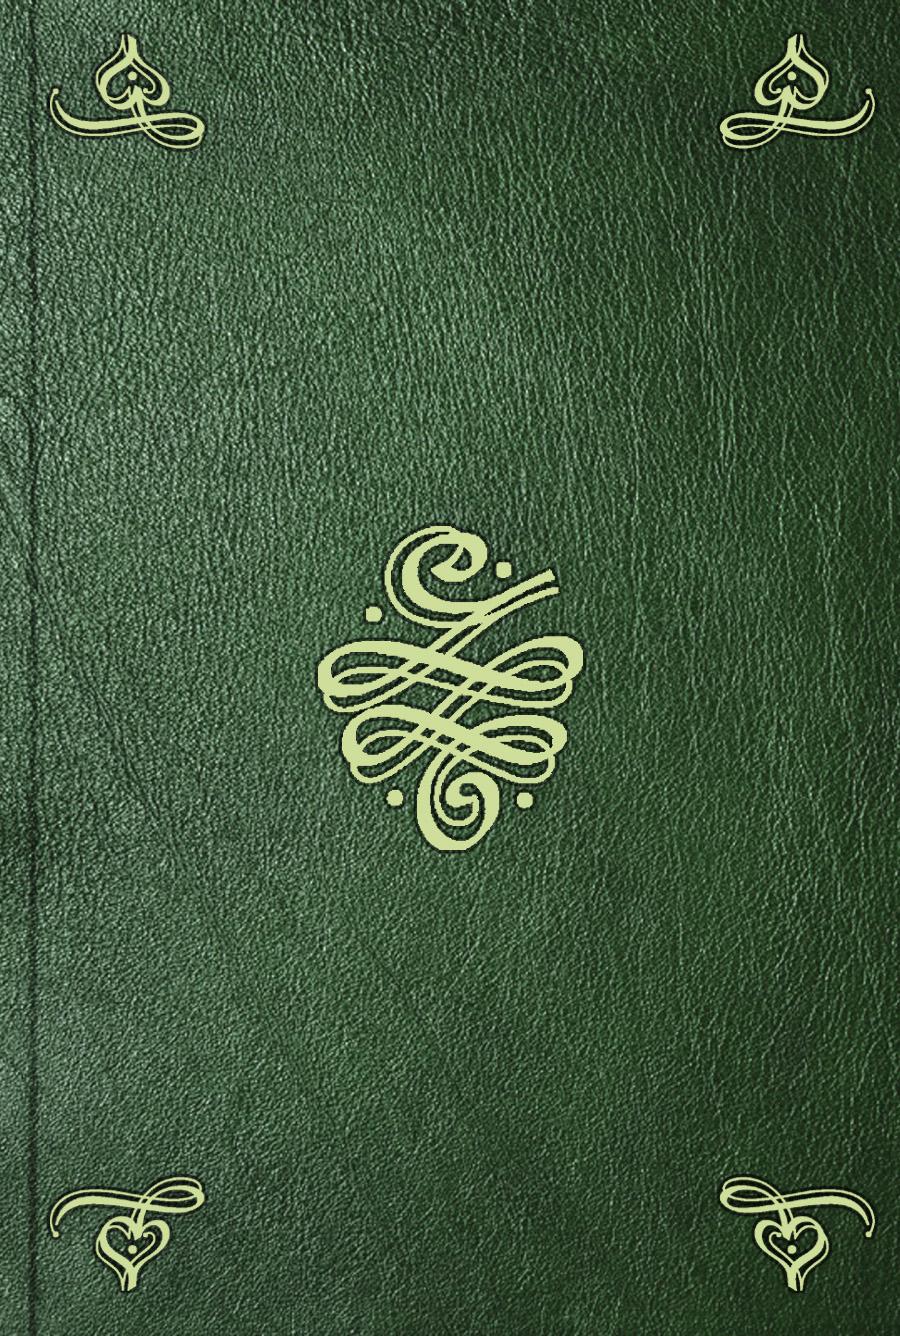 Biblioth?que raisonn?e des ouvrages des savans de l'Europe. T. 49